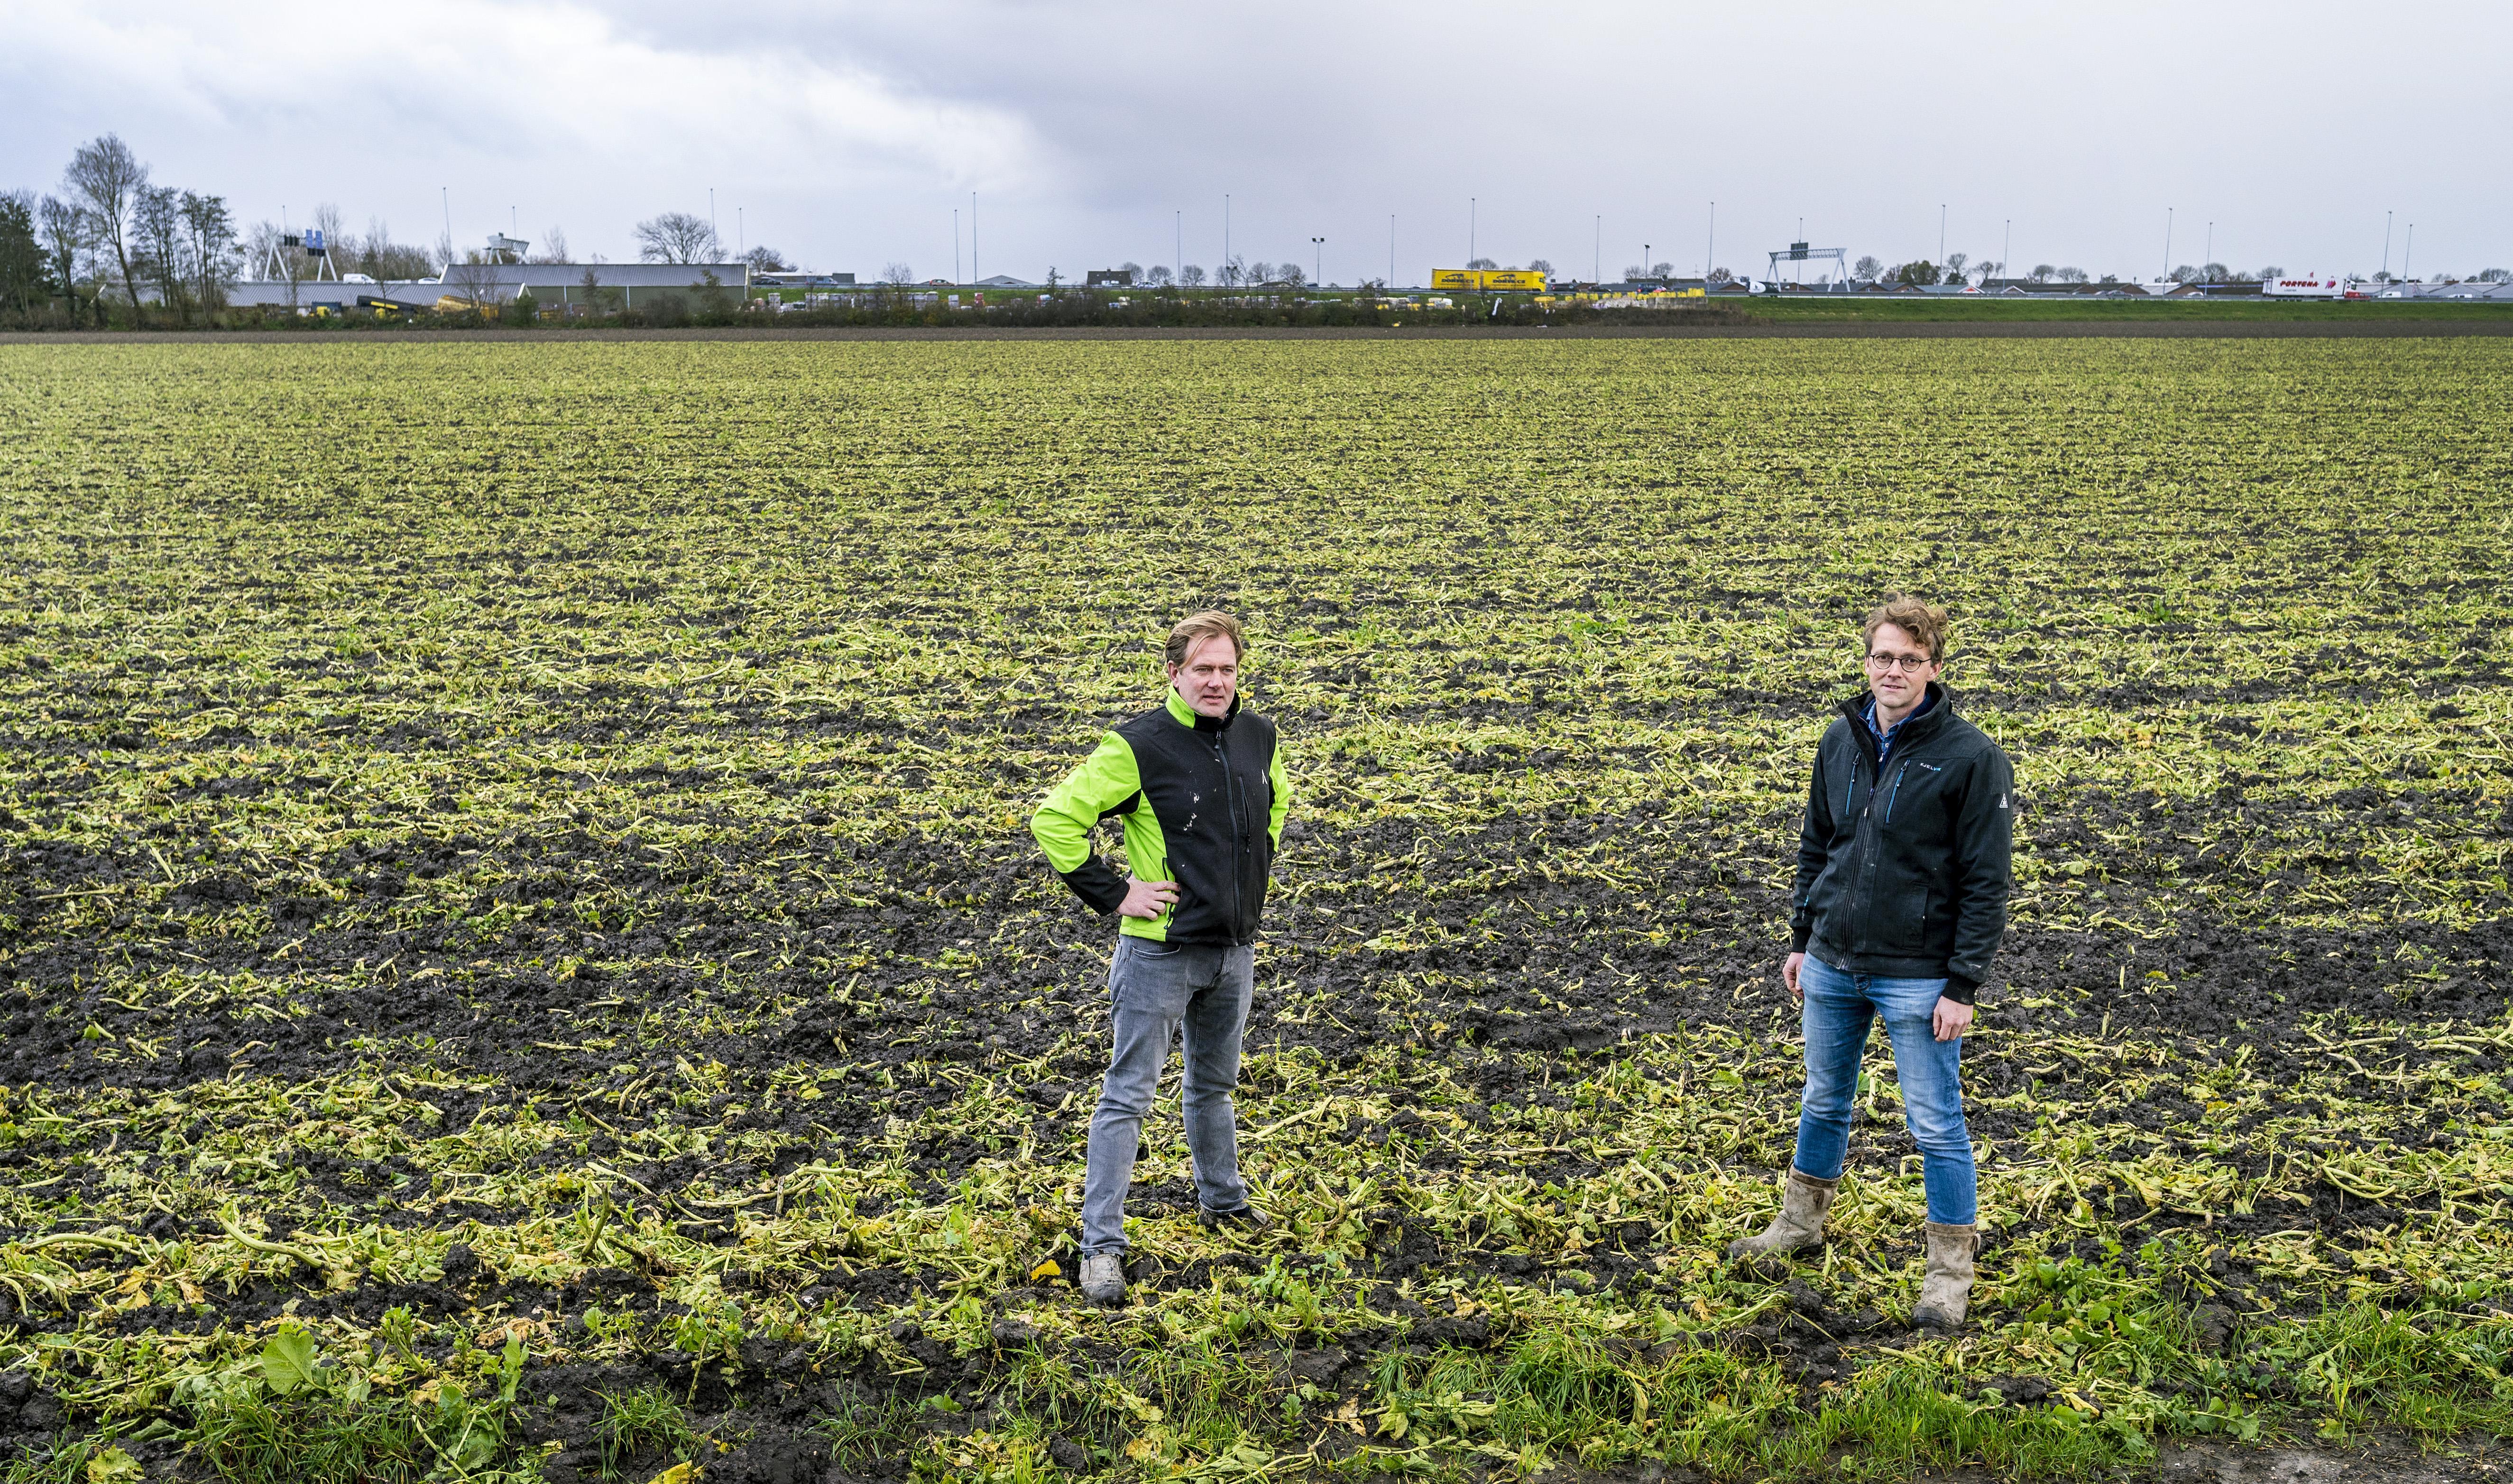 Boeren willen zonnepark inrichten bij Zwanenburg, overleg met dorpsbewoners over uitvoering is gaande